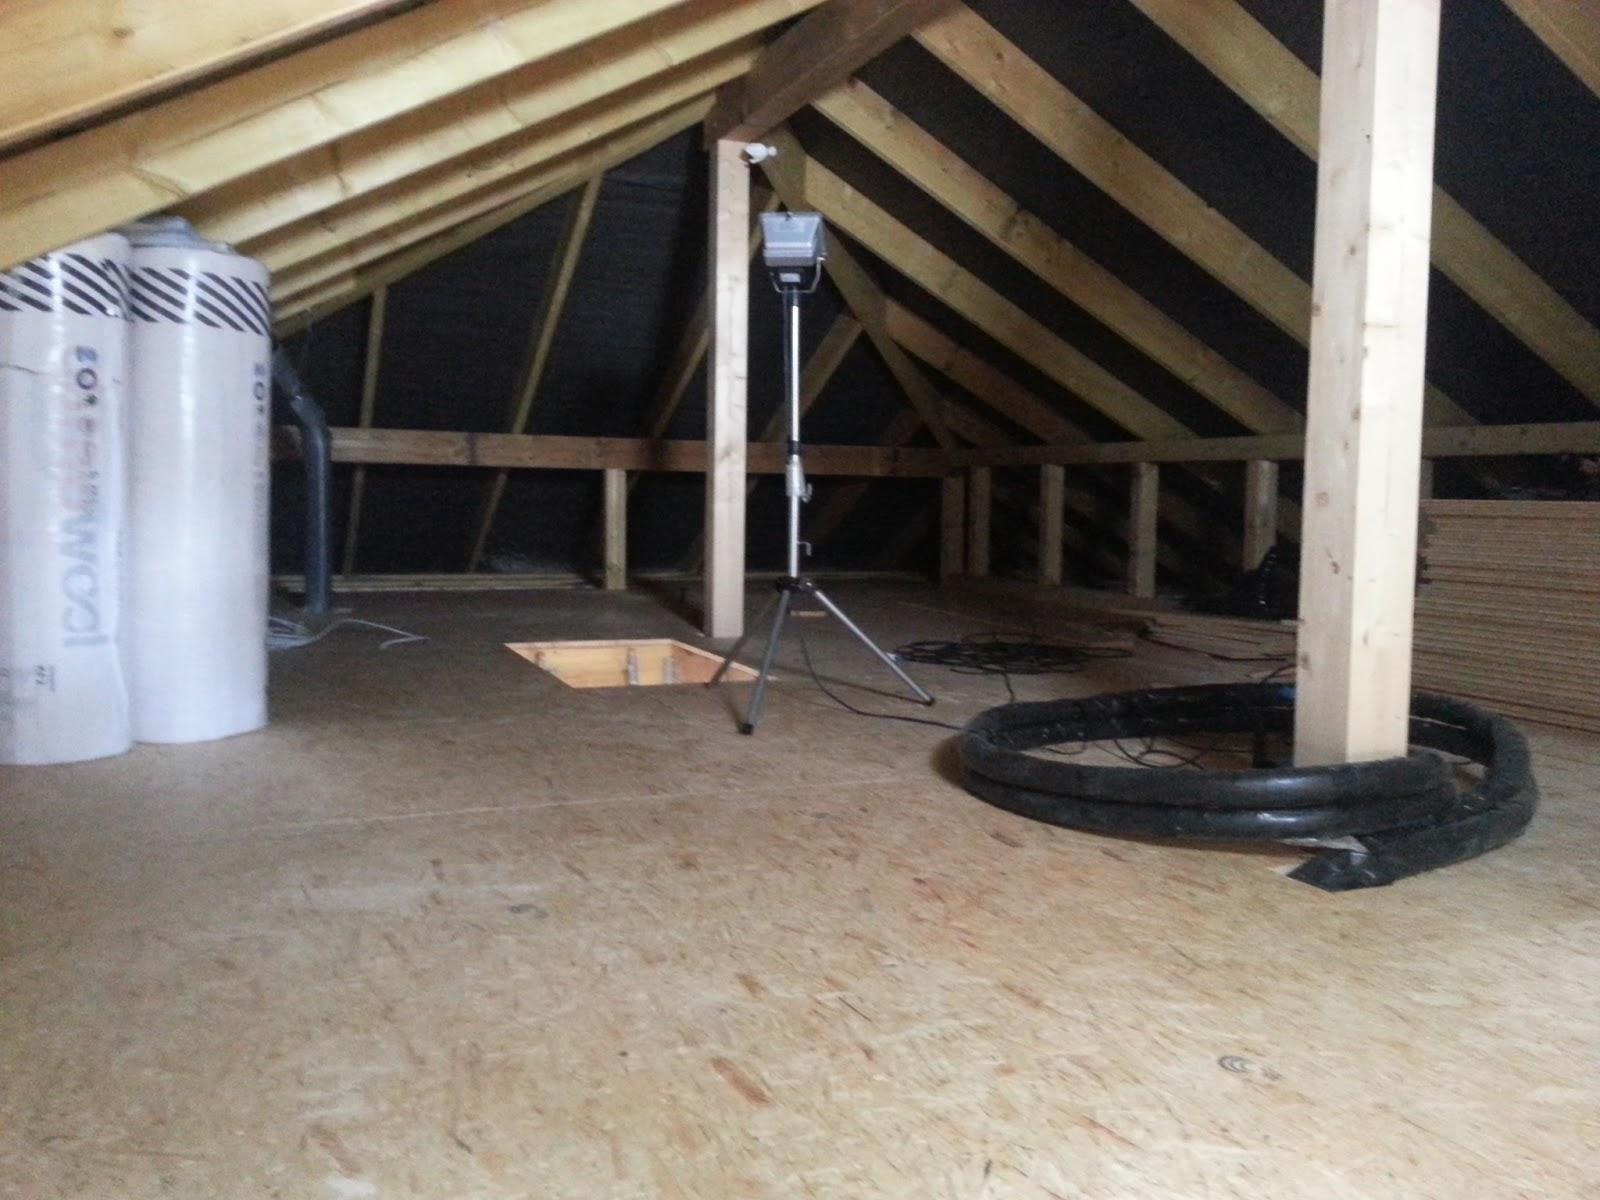 aileen und patrick bauen dachboden dampfsperre lattung regenrinne. Black Bedroom Furniture Sets. Home Design Ideas